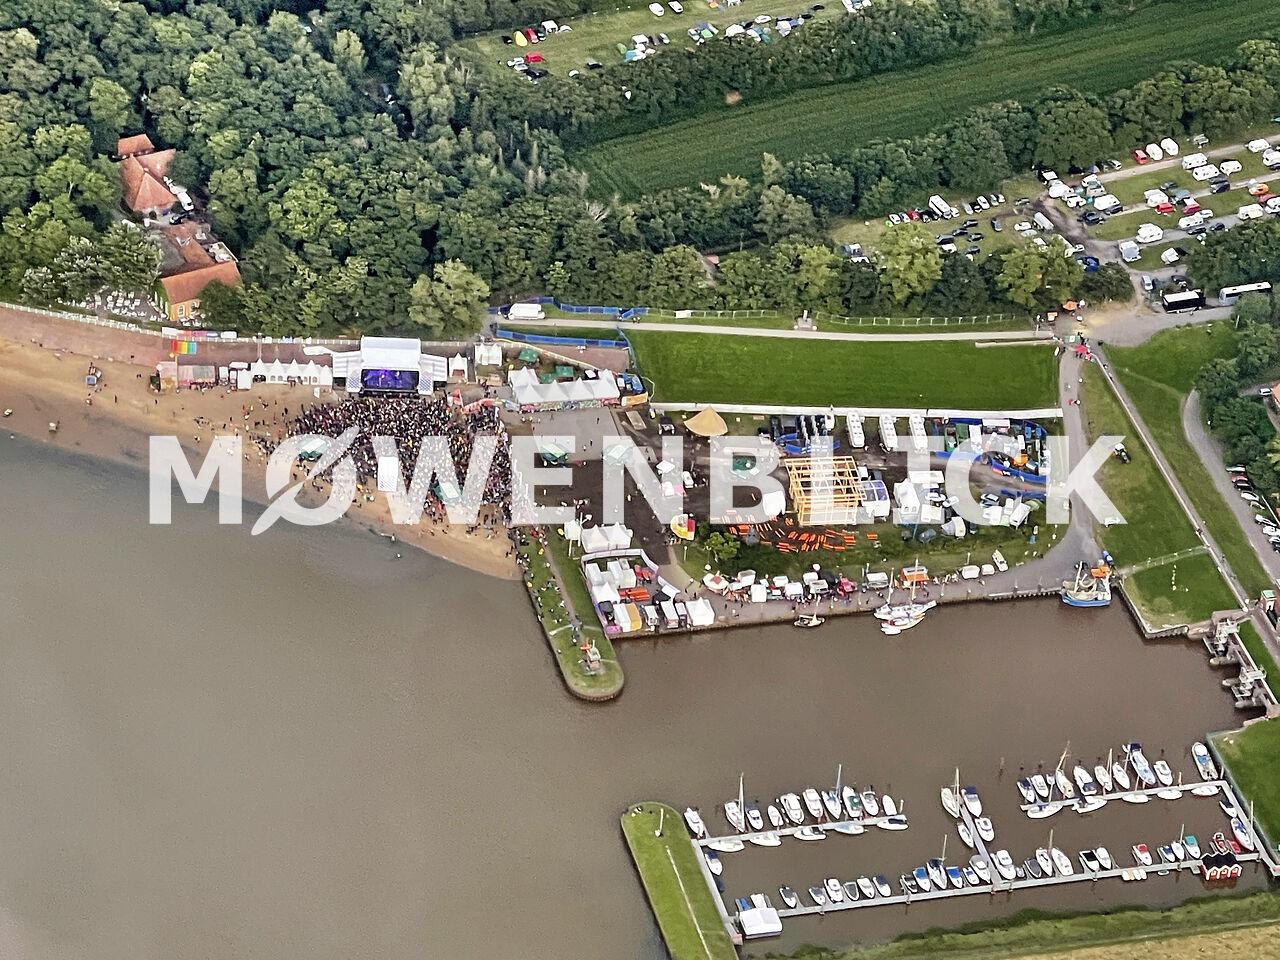 Watt en Schlick Festival 2021 Luftbild